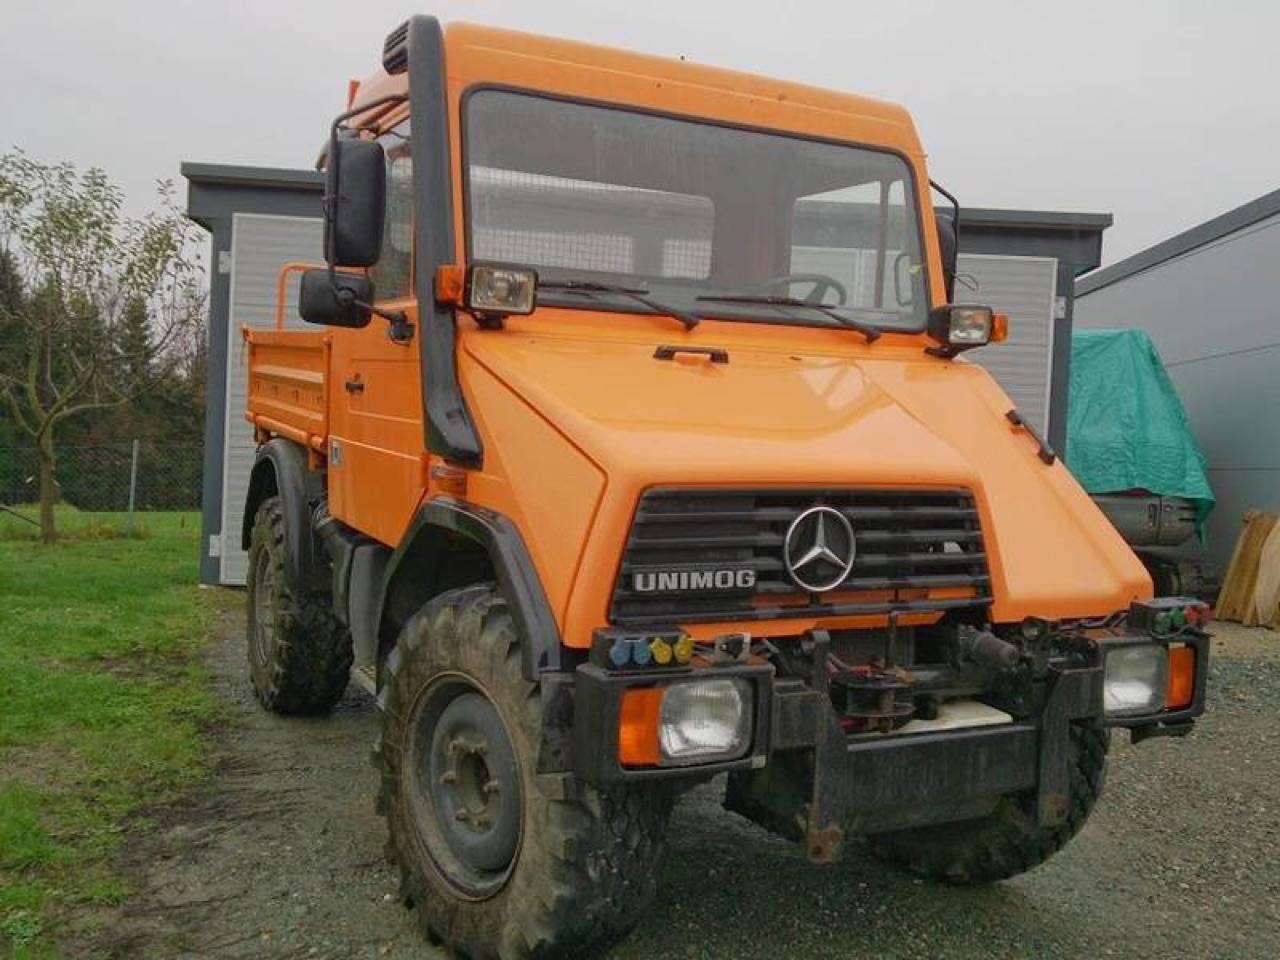 Warum Ist Der Mercedes-Benz Unimog Bisher Noch Kein Jackpot-Preis Gewesen? | Unimog-Community.De